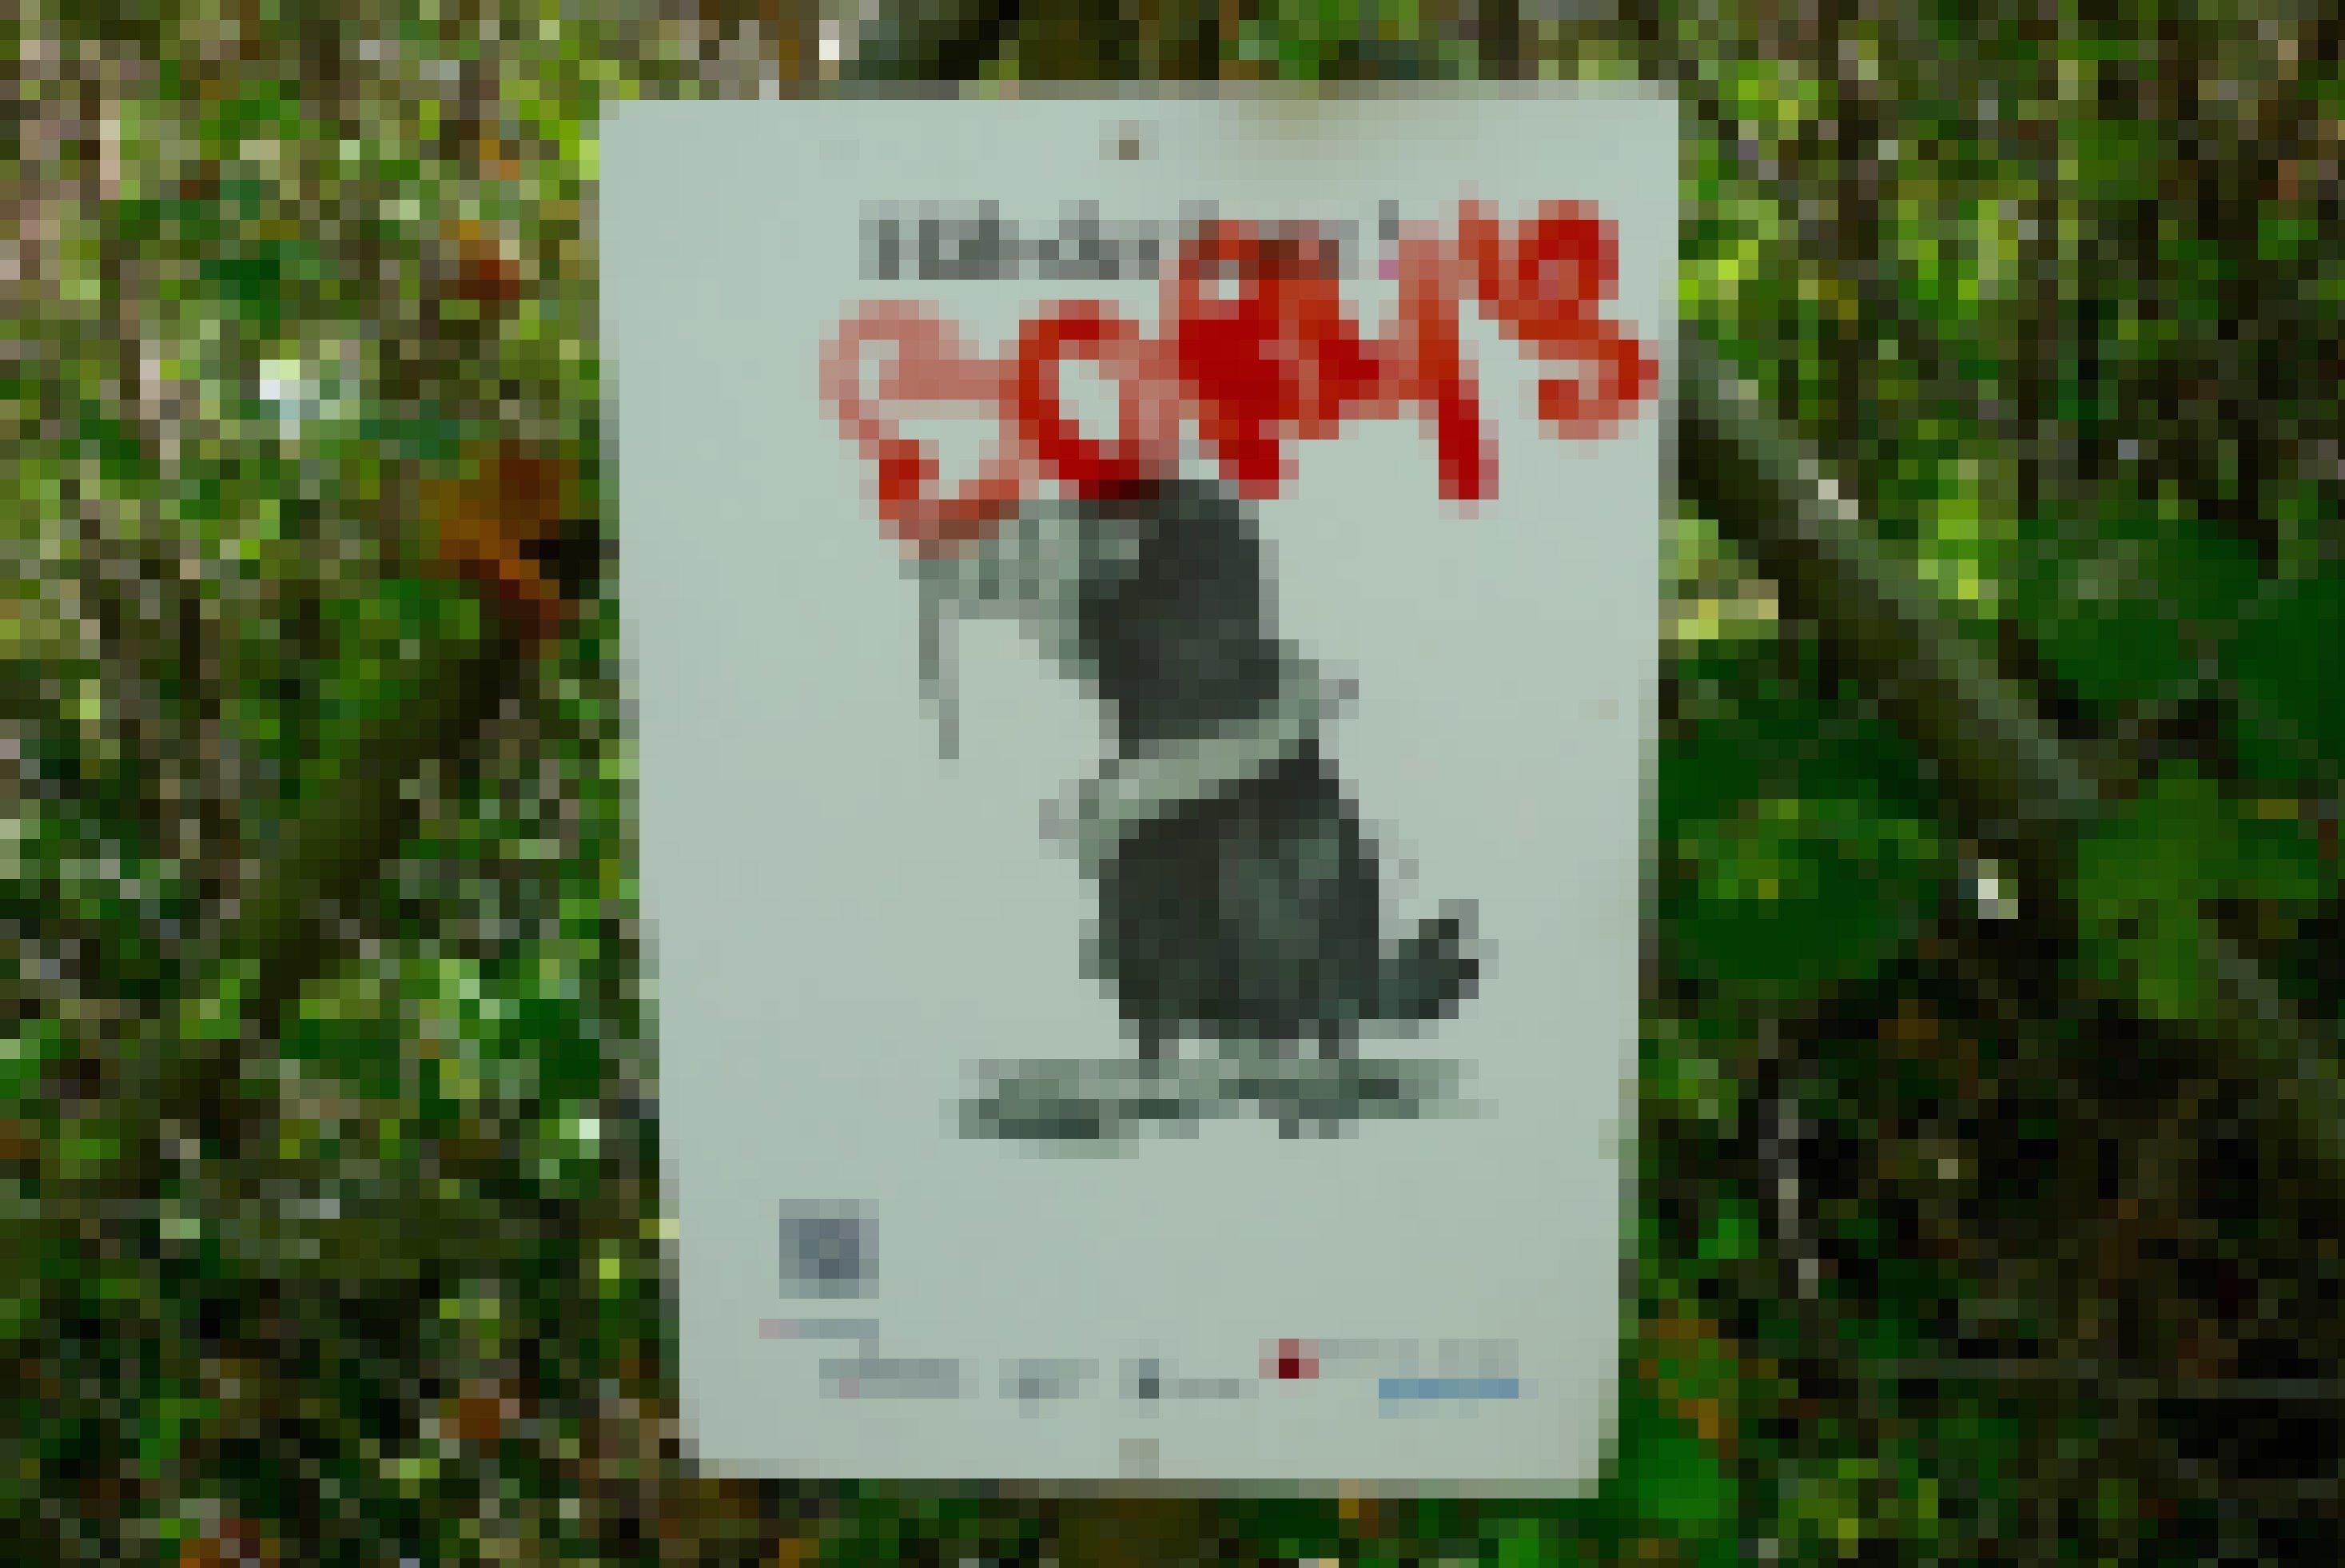 """""""Saatkrähe, halt den Schnabel!"""" Mit humoristischen Plakaten versucht eine Berner Ausstellung, das angespannte Verhältnis von Saatkrähen und Menschen zu entspannen. Das Plakat zeigt eine Saatkrähe, deren Schnabel von einer Schlange zugehalten wird."""